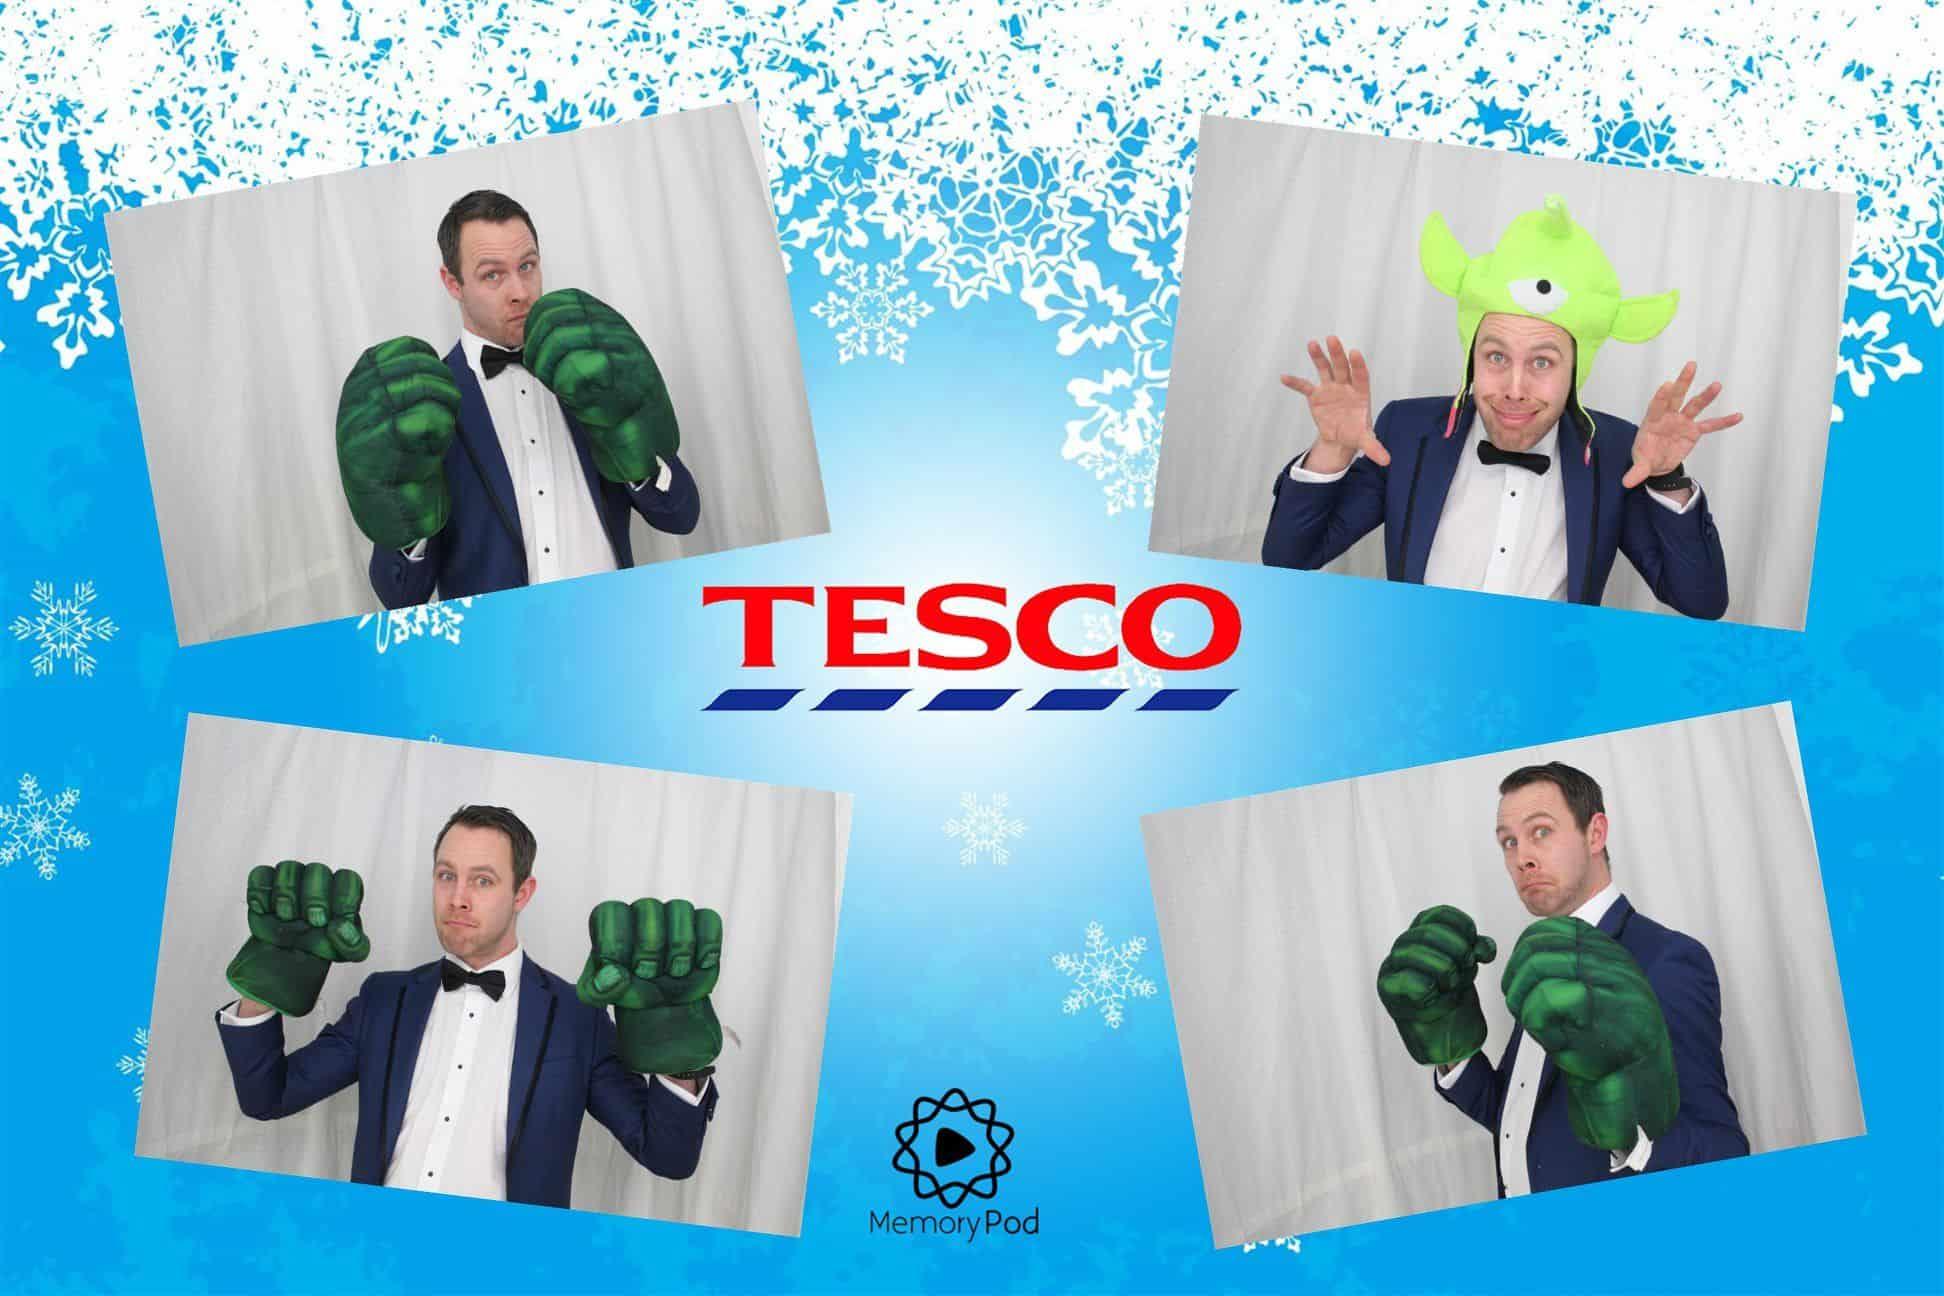 Tesco Christmas.jpg